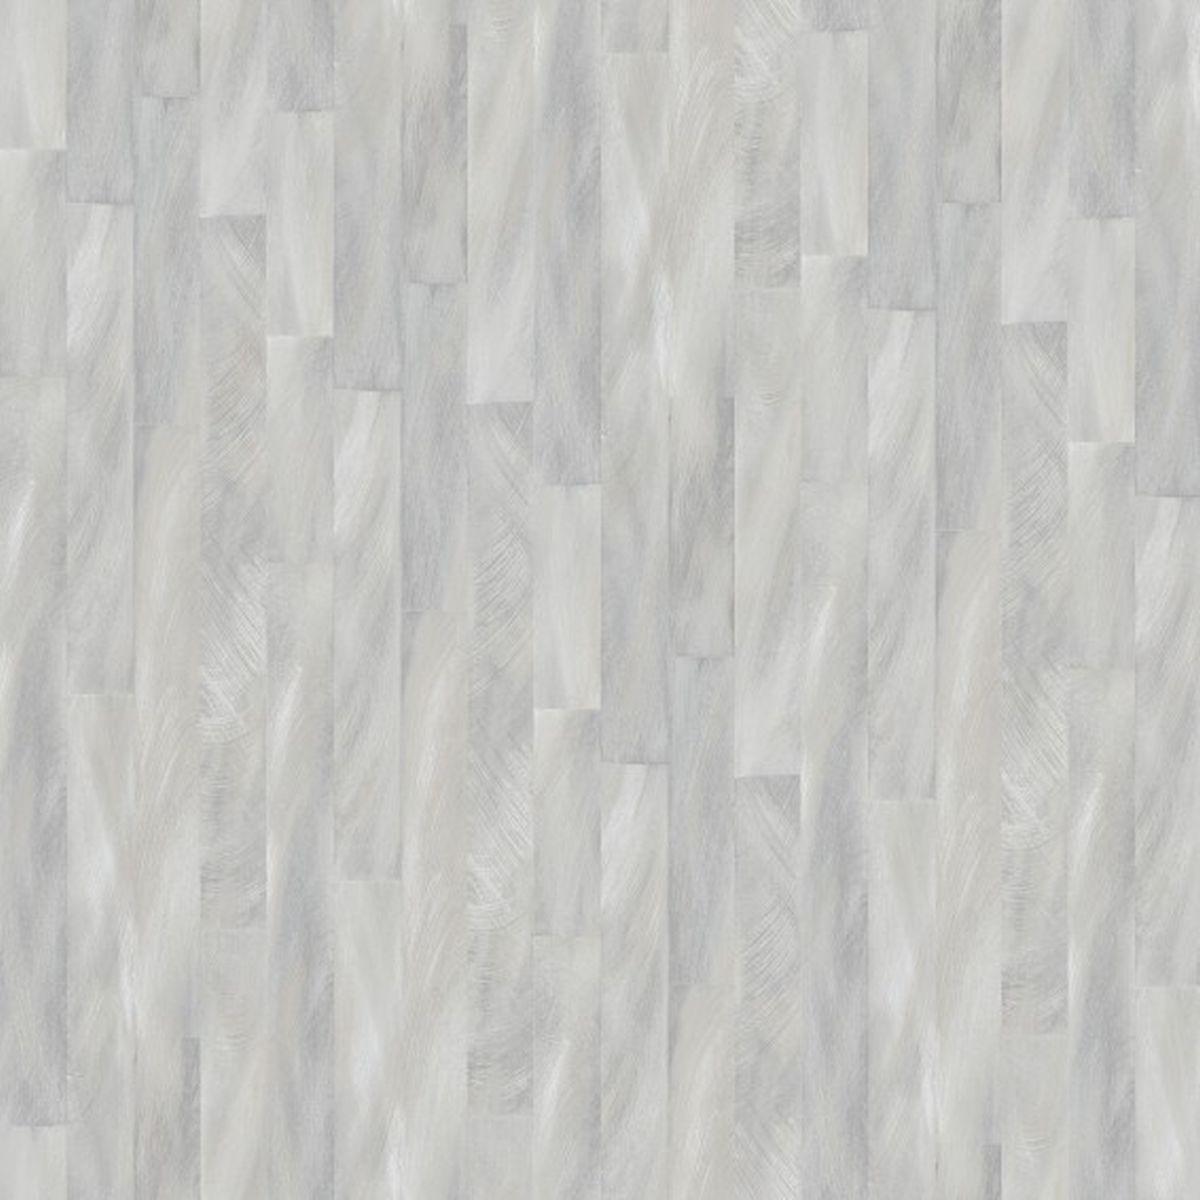 DesignID Vliestapete Qualitätsvolle Tapete VD219141 Grau Steintapete